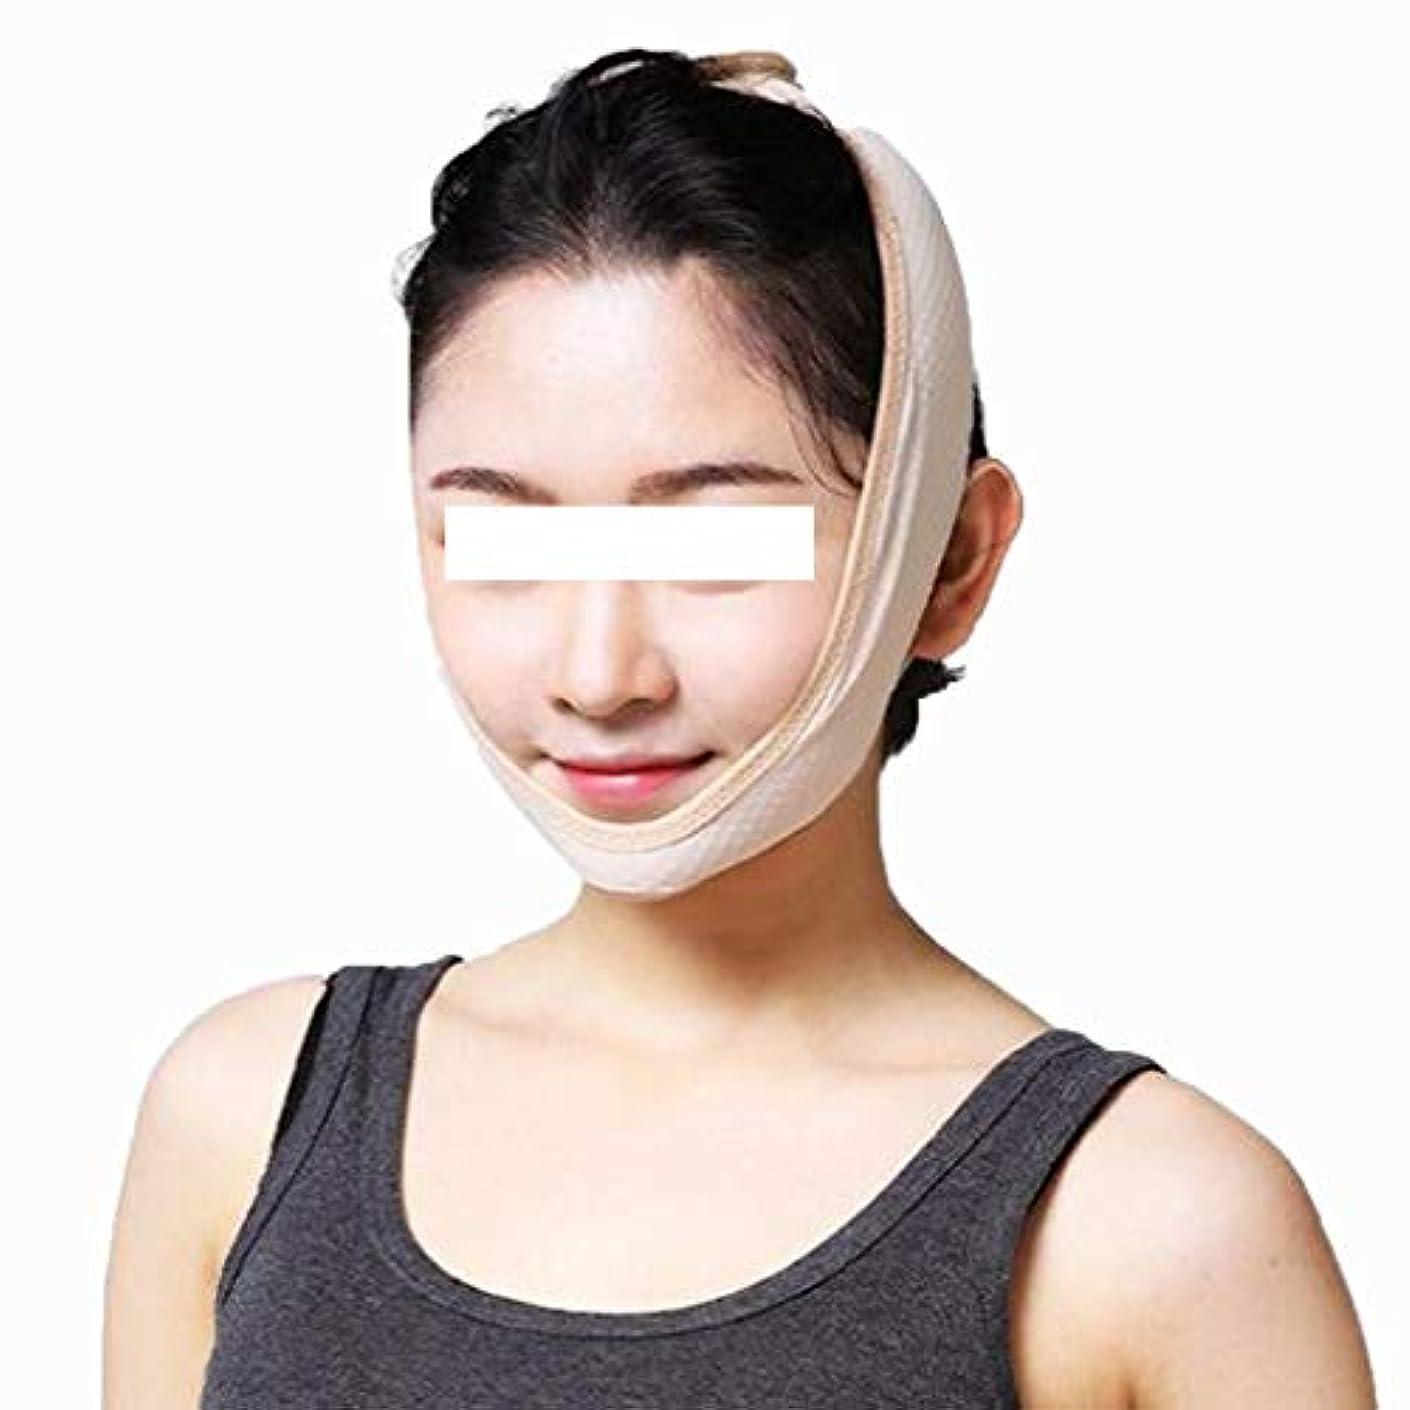 バックアップバスルームミット顔のマスクのあごの首のベルトシートの反老化の表面は持ち上げます